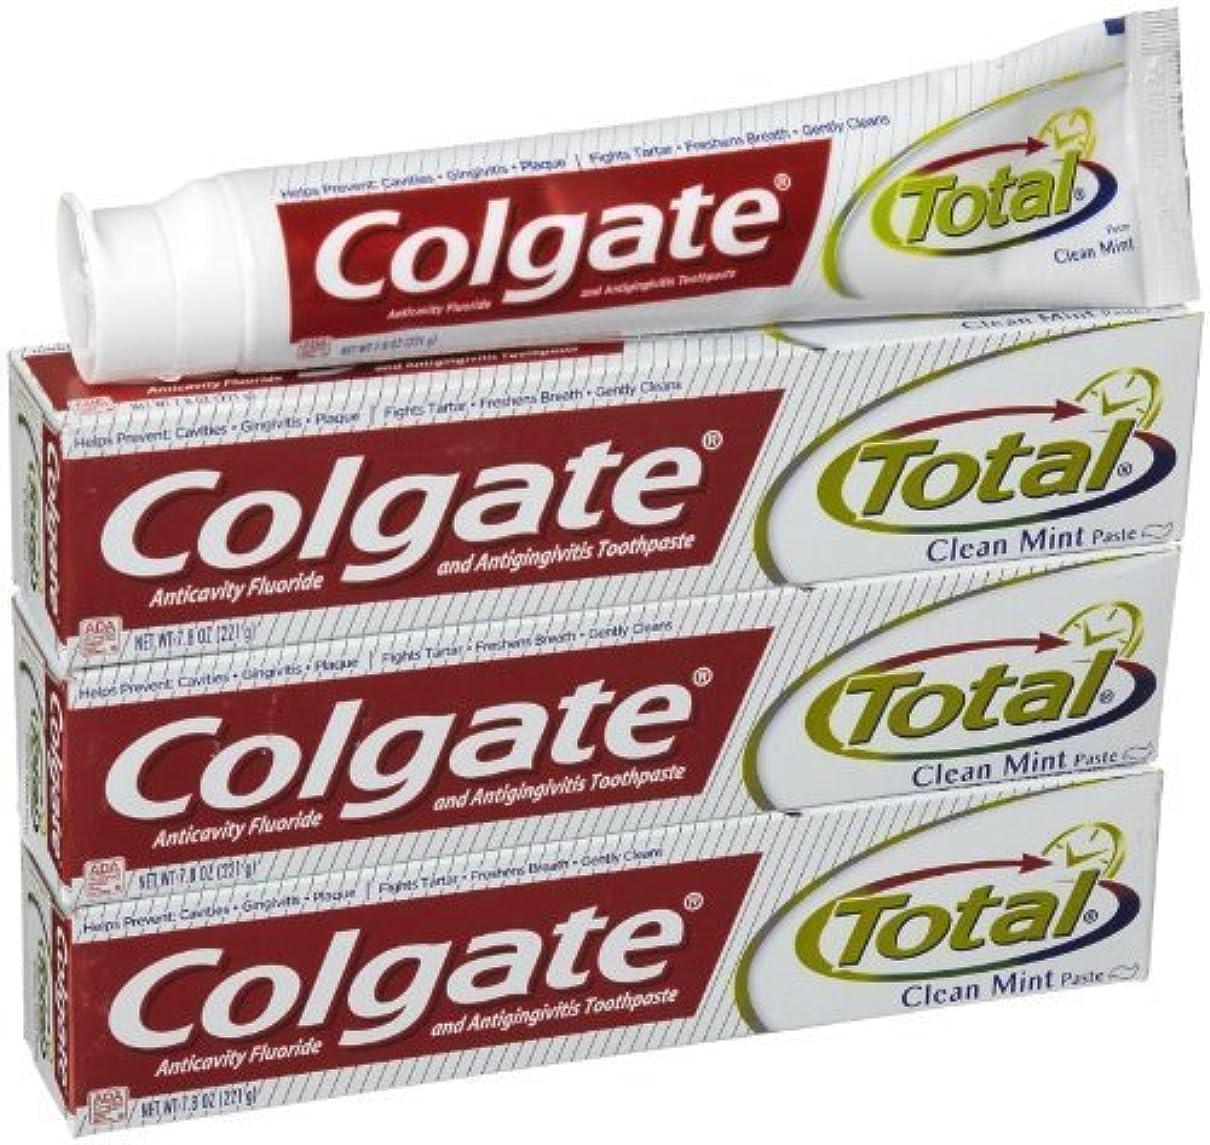 中古分析する農業コルゲート クリーンミント 歯磨き粉 7.8OZ-3個 Colgate Total Original Toothpast Clean mint